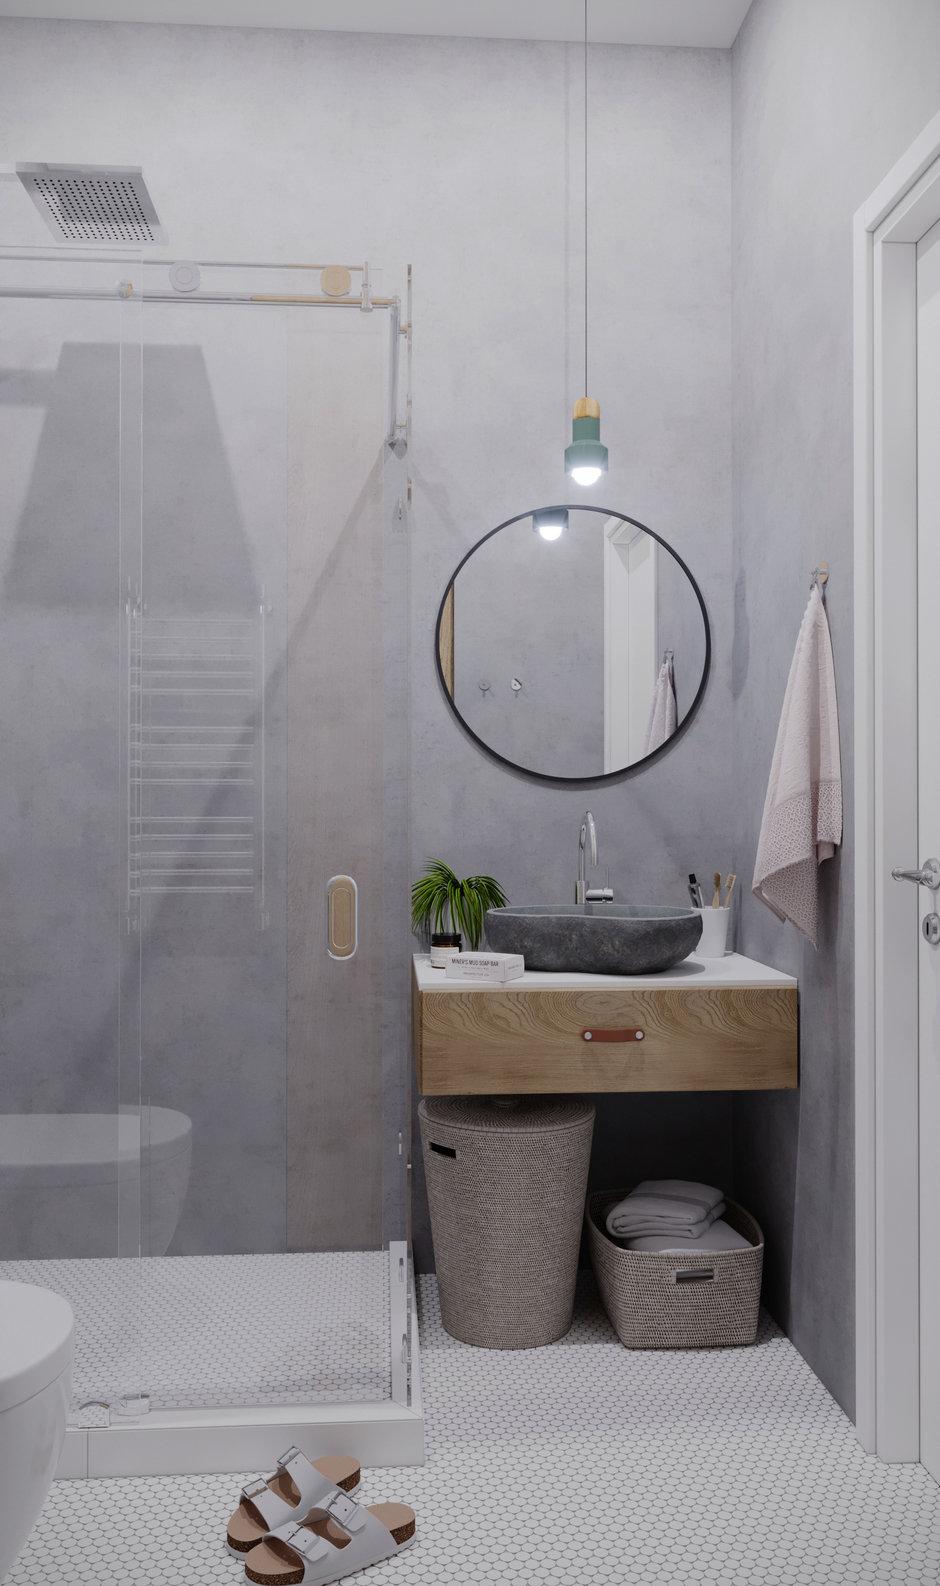 Фотография: Ванная в стиле Минимализм, Квартира, Проект недели, Санкт-Петербург, 1 комната, 40-60 метров, Монолитно-кирпичный, Студия 20:18 – фото на InMyRoom.ru